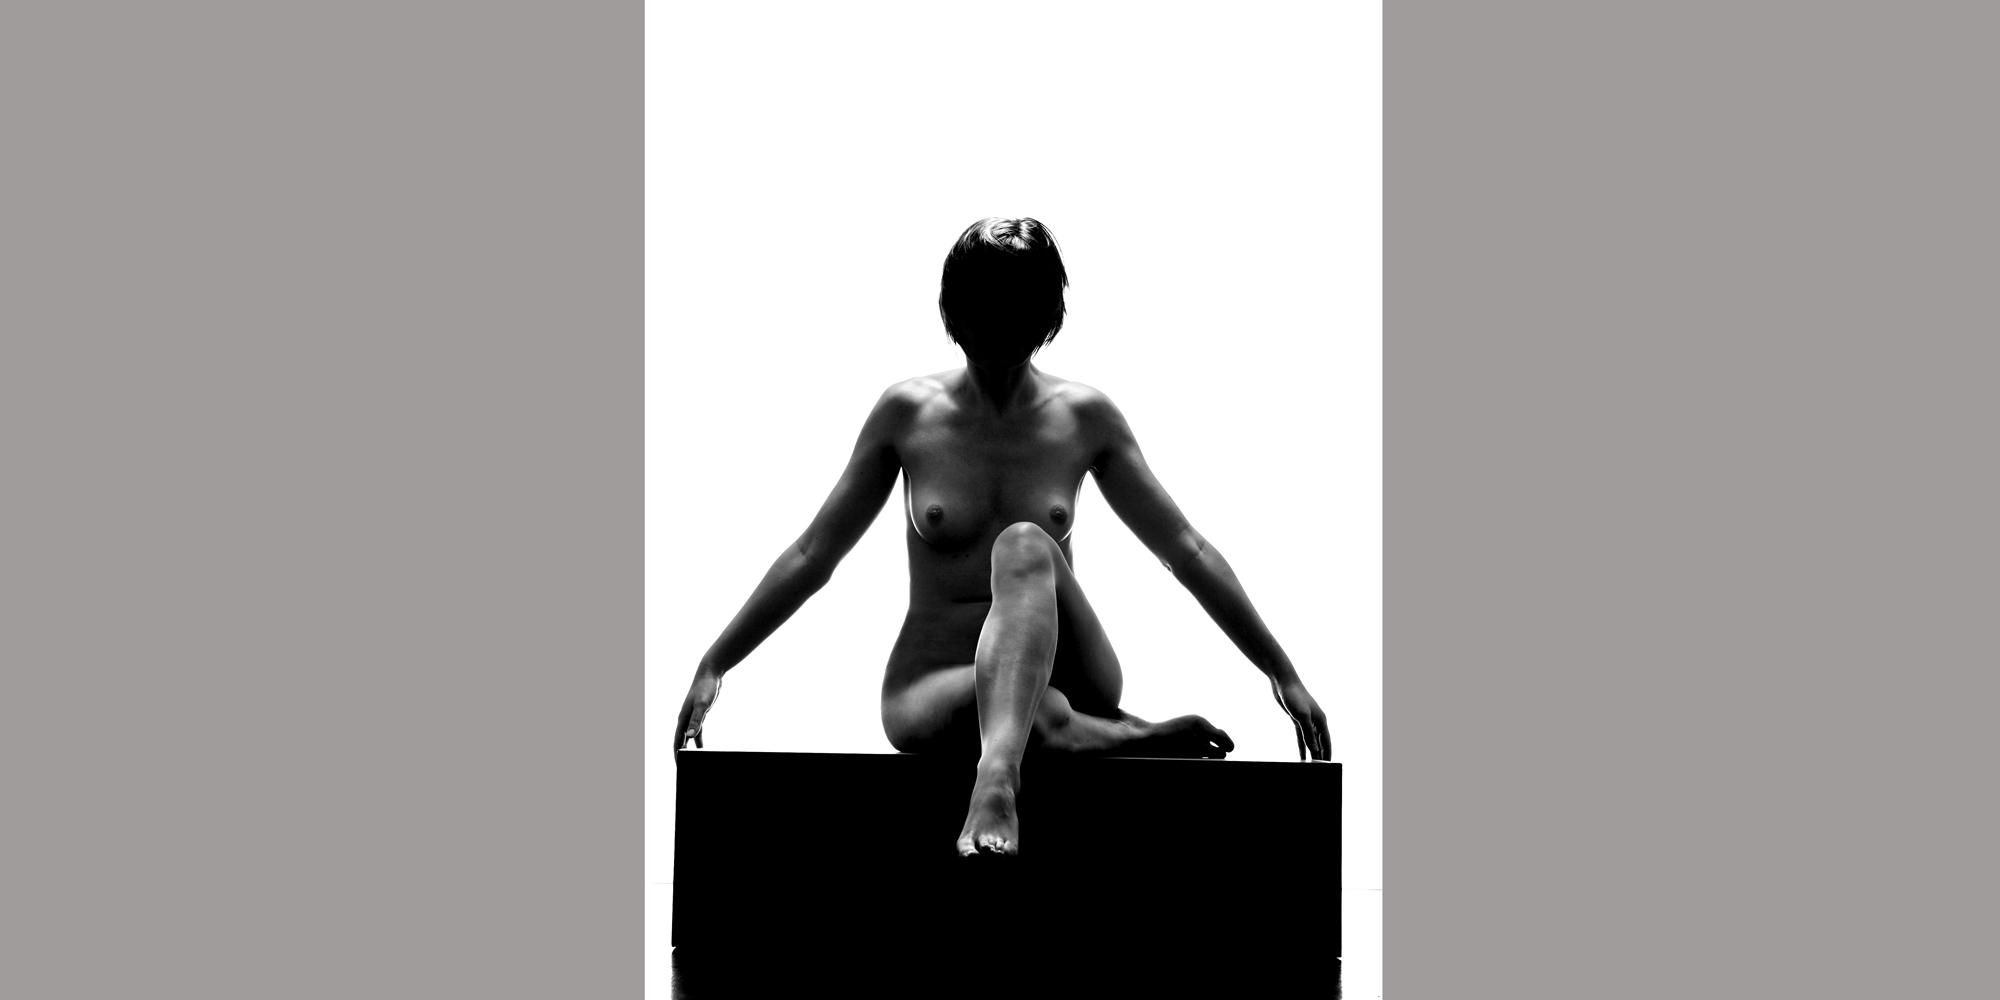 FrontanSeitliche Rückansicht in Farbe einer nackten Frau mit langem Haar, die für ästhetische Aktfotografie posiert und ein Bein anwinkelt und sich an der Wand abstützt, sie posiert für ästhetische Aktfotografie.sicht in schwarz-weiß einer nackten frau mit abgedunkelter Gesichtspartie, die ihre Beine vor sich kreuzt.